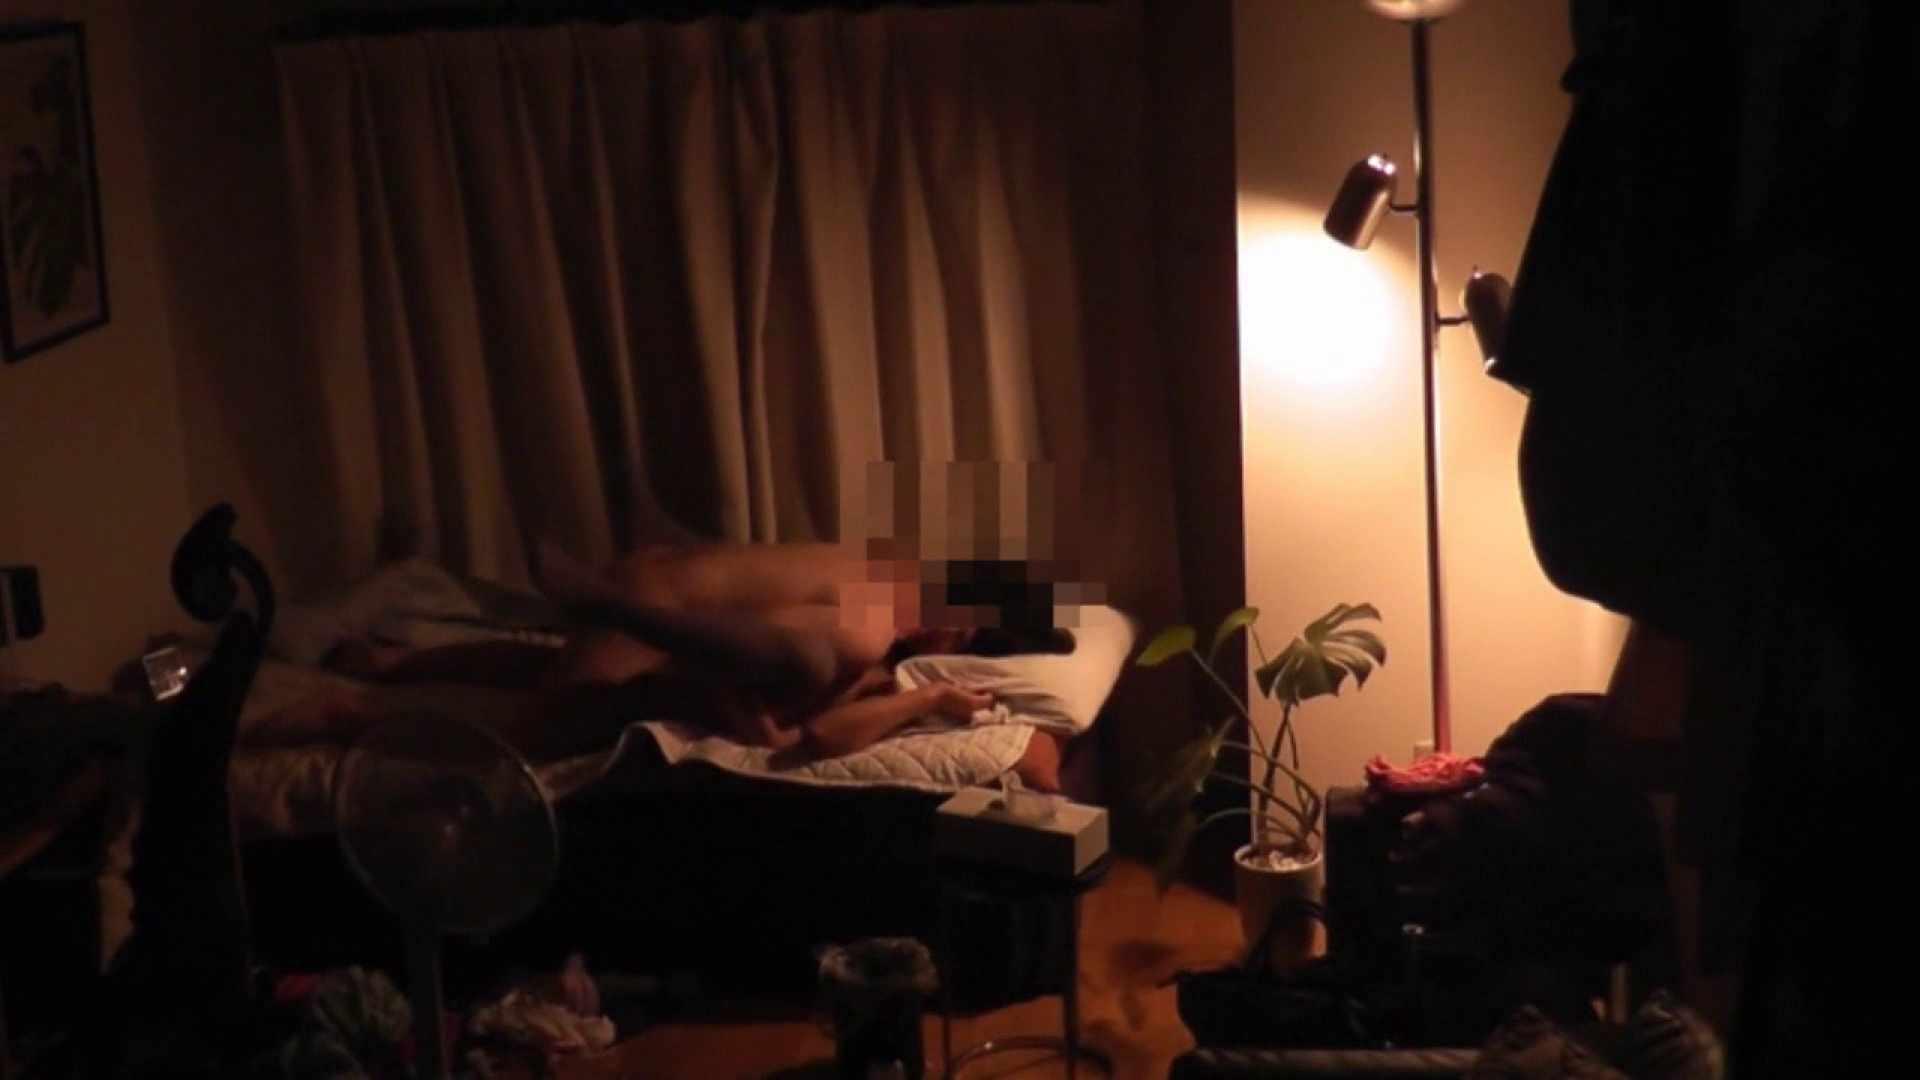 美女だらけのプライベートSEXvol.1 美女丸裸 オメコ動画キャプチャ 90pic 78